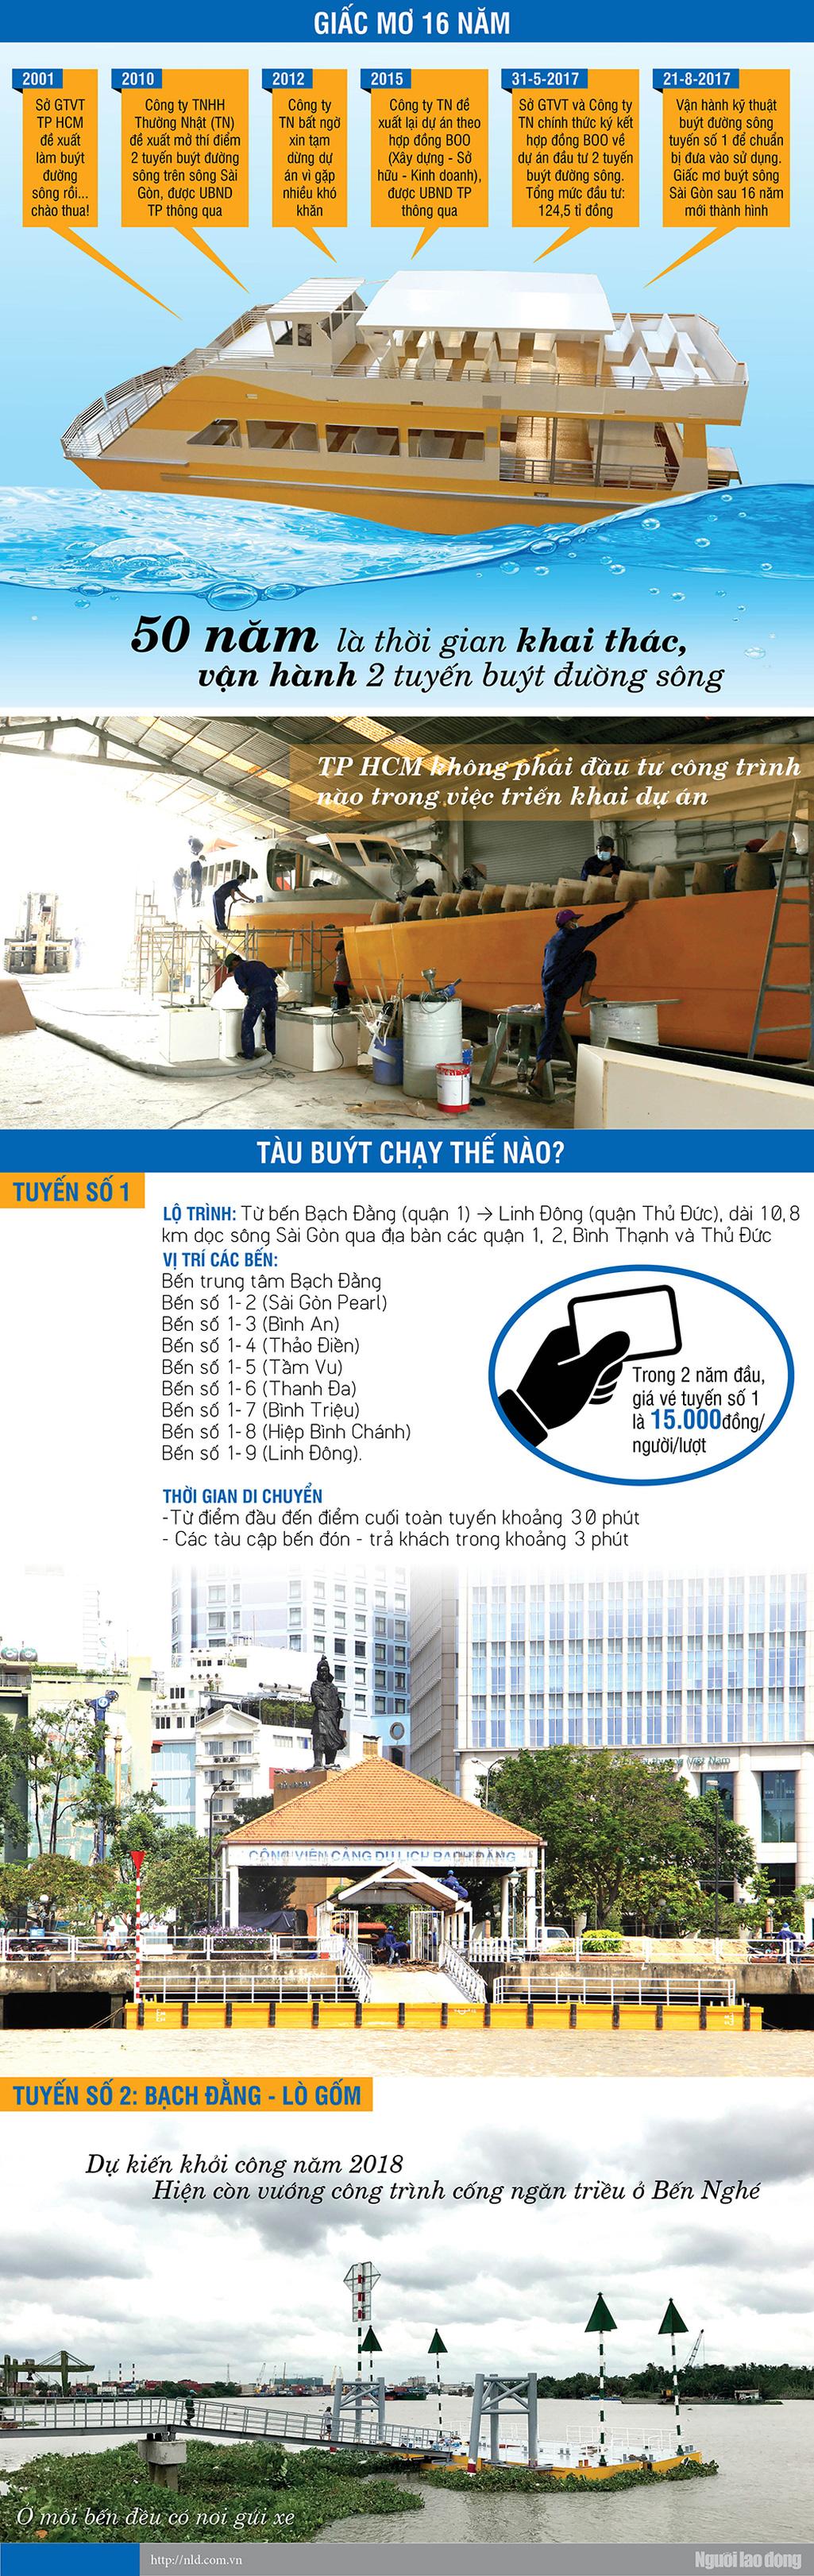 Infographic: Buýt sông Sài Gòn - Ảnh 1.